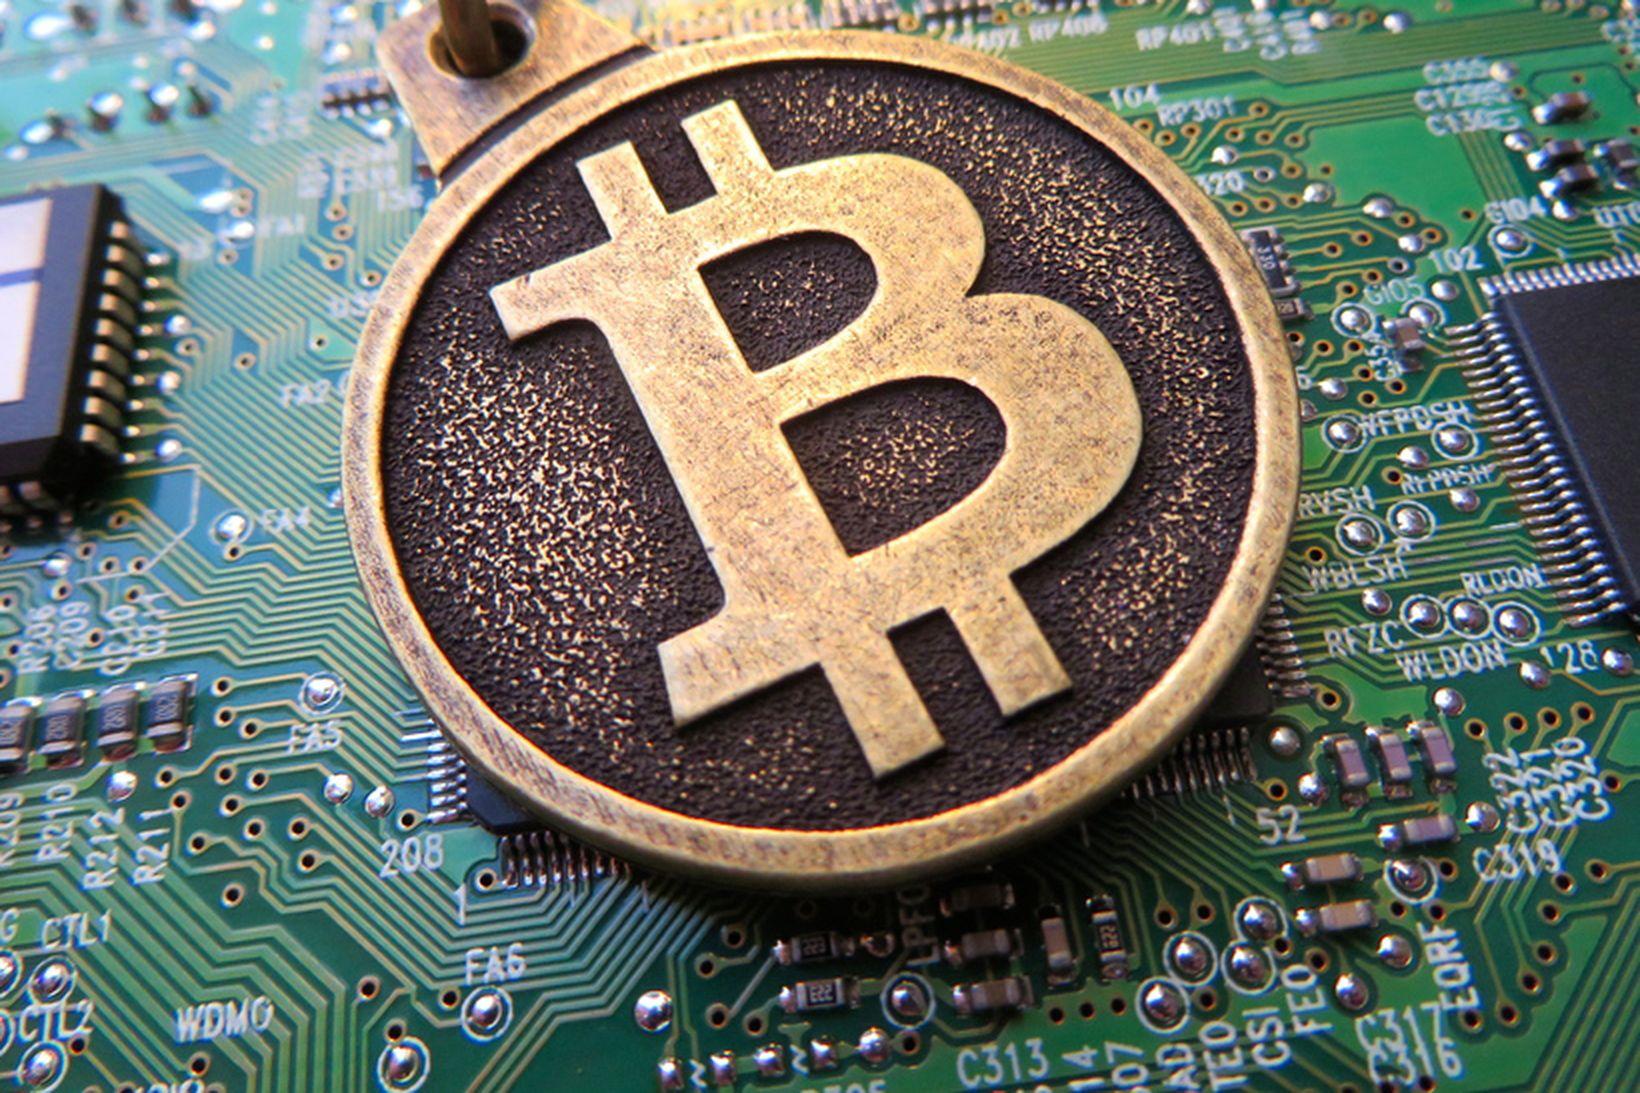 Auglýsingar fyrir Bitcoin sem reynast falskar yfirlýsingar þekktra aðila og …